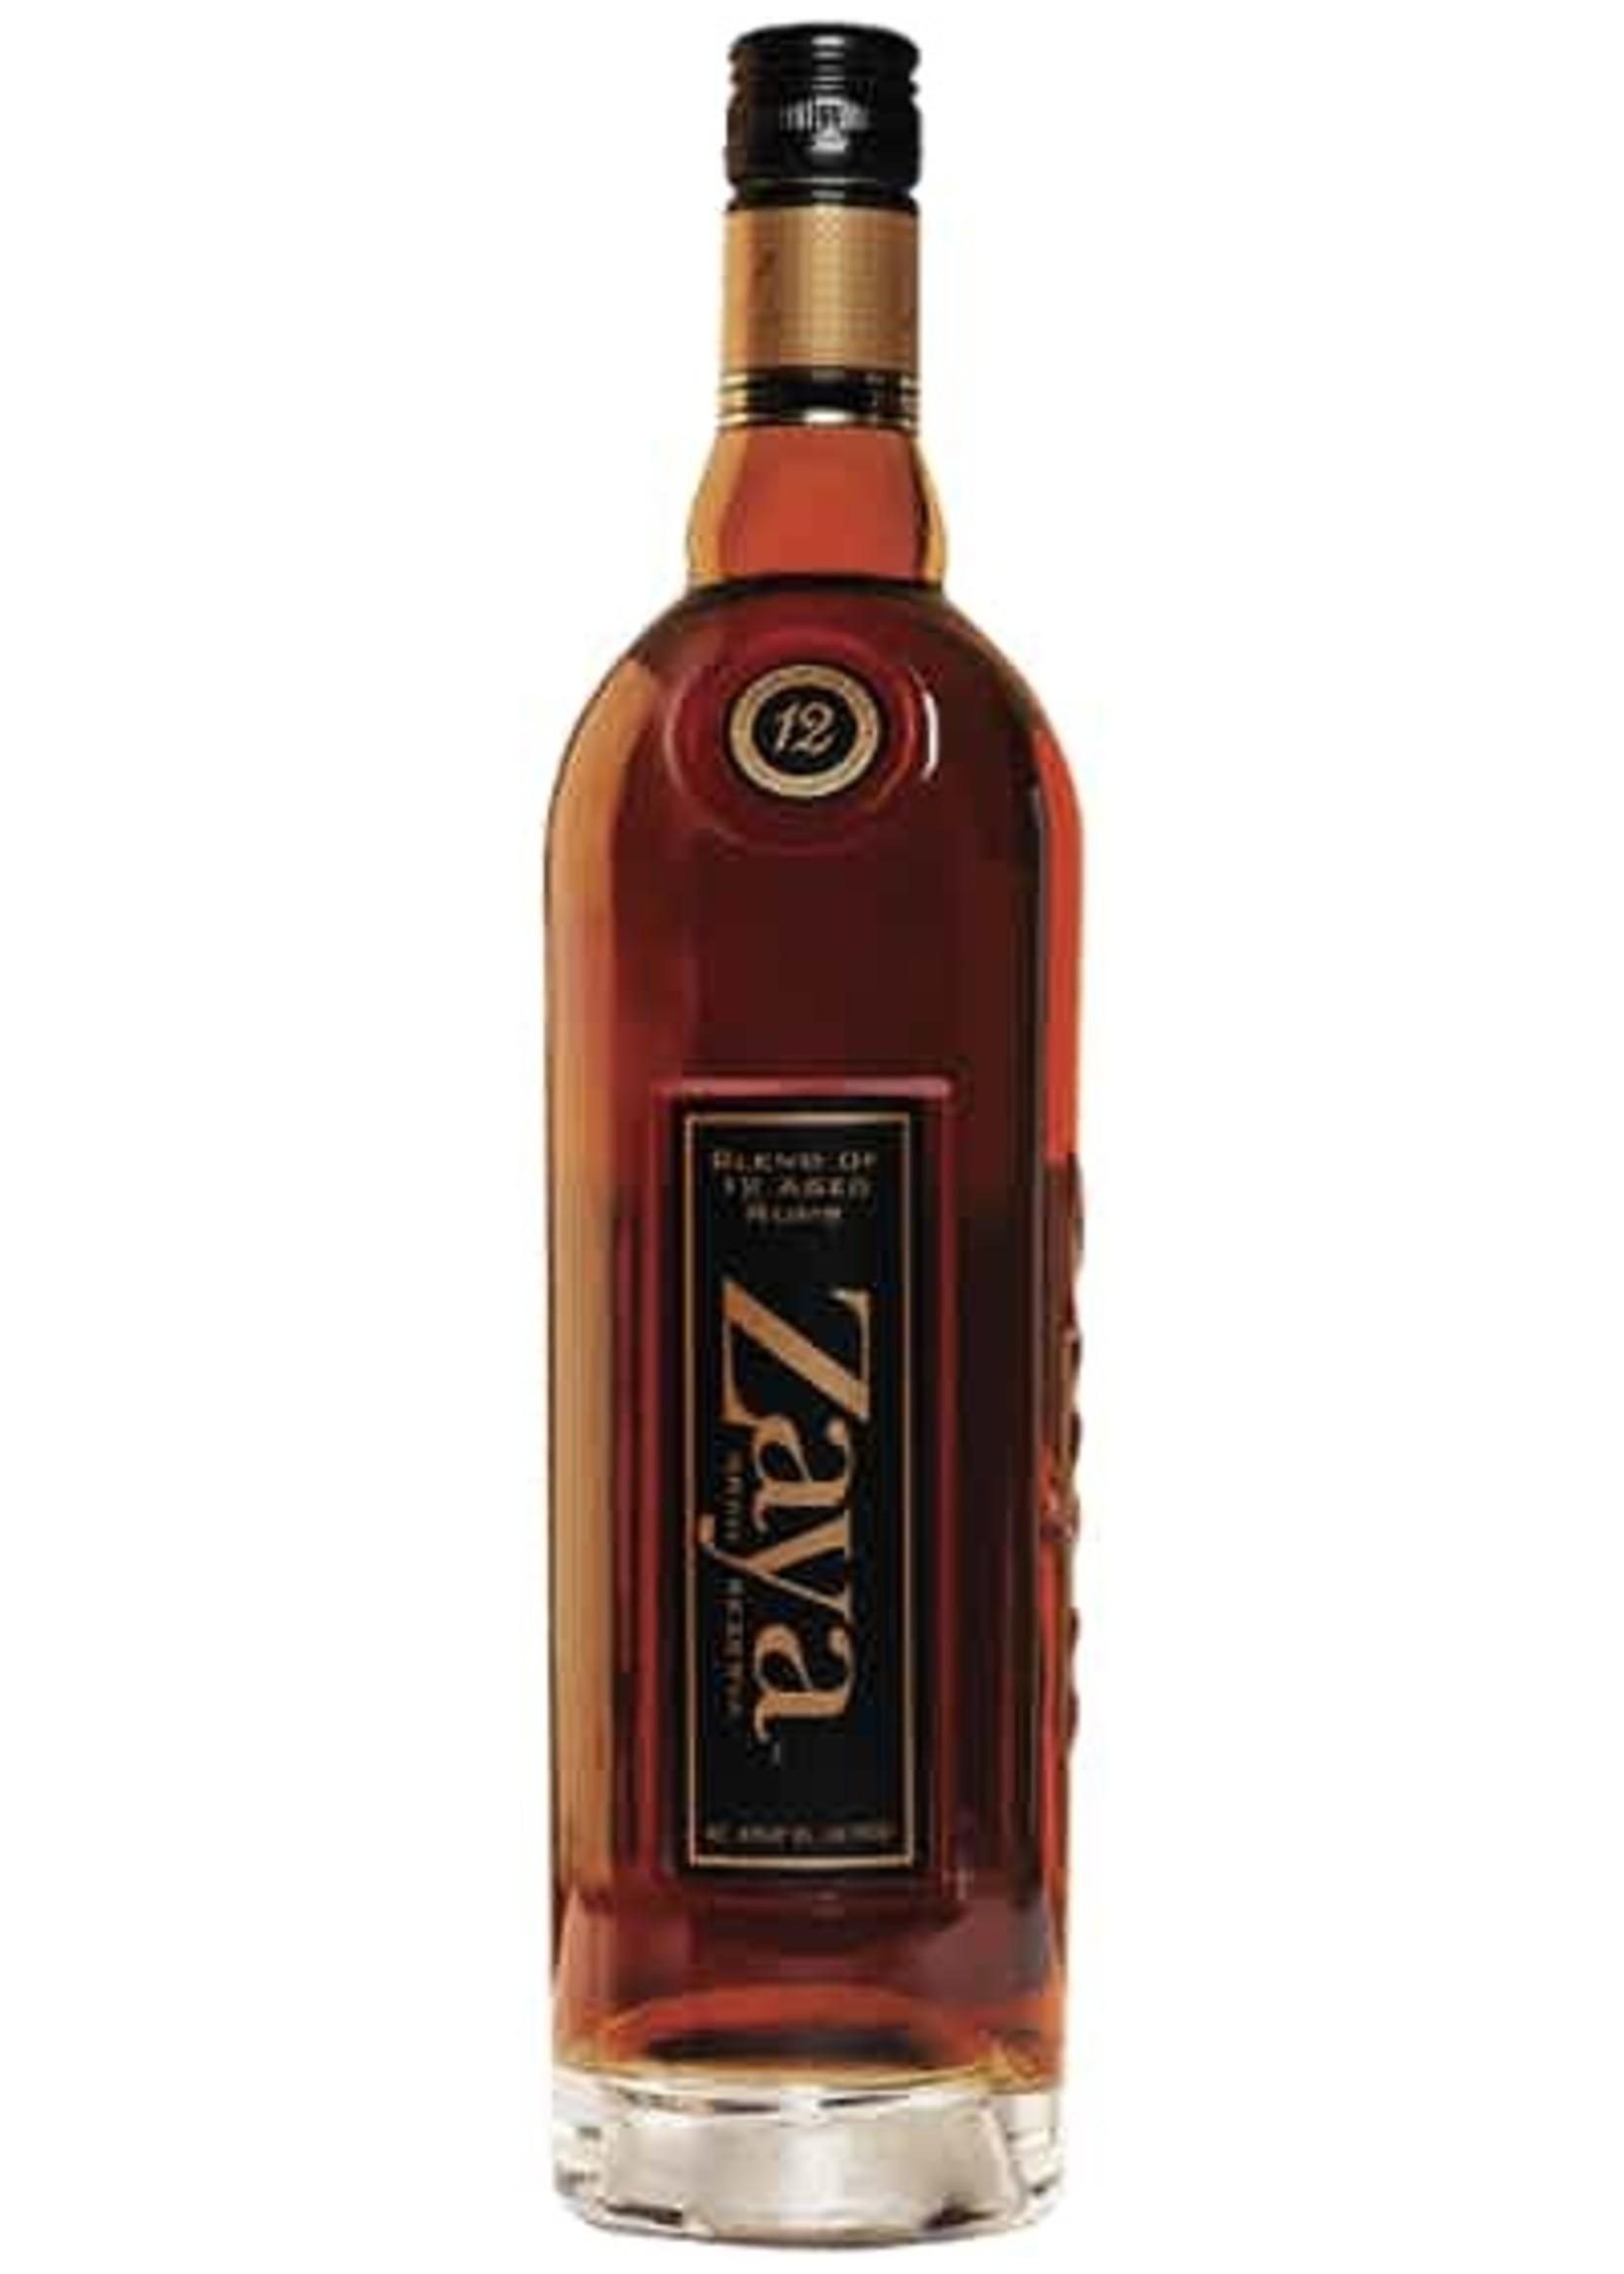 Zaya Gran Reserva Rum